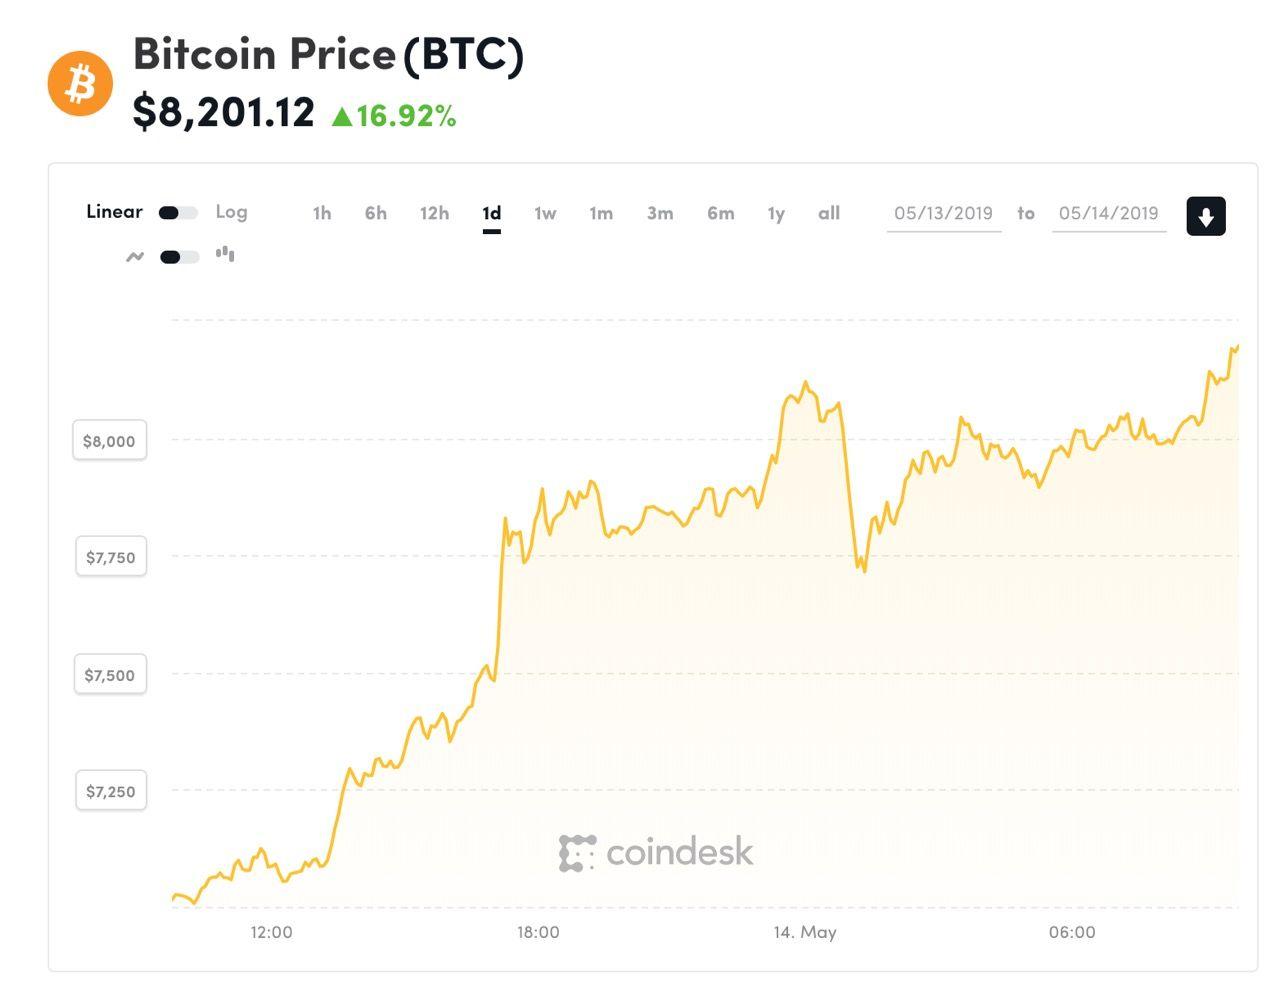 Bitcoin nu över 8000 dollar